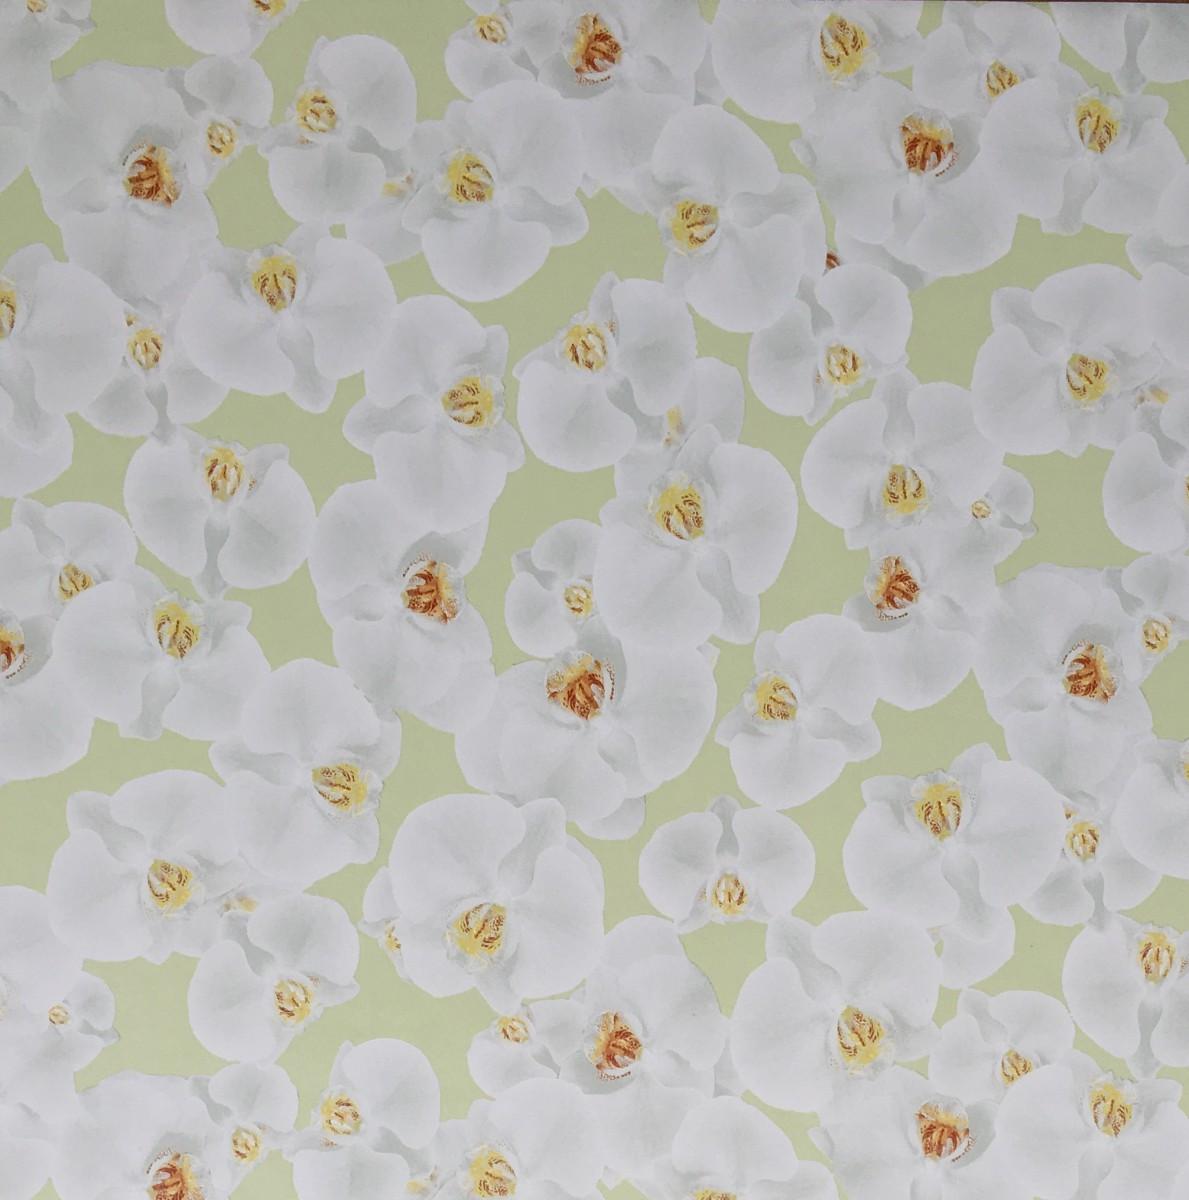 Klebefolie m belfolie wei e orchideen 67 5 cm x 200 cm for Selbstklebende mobelfolie